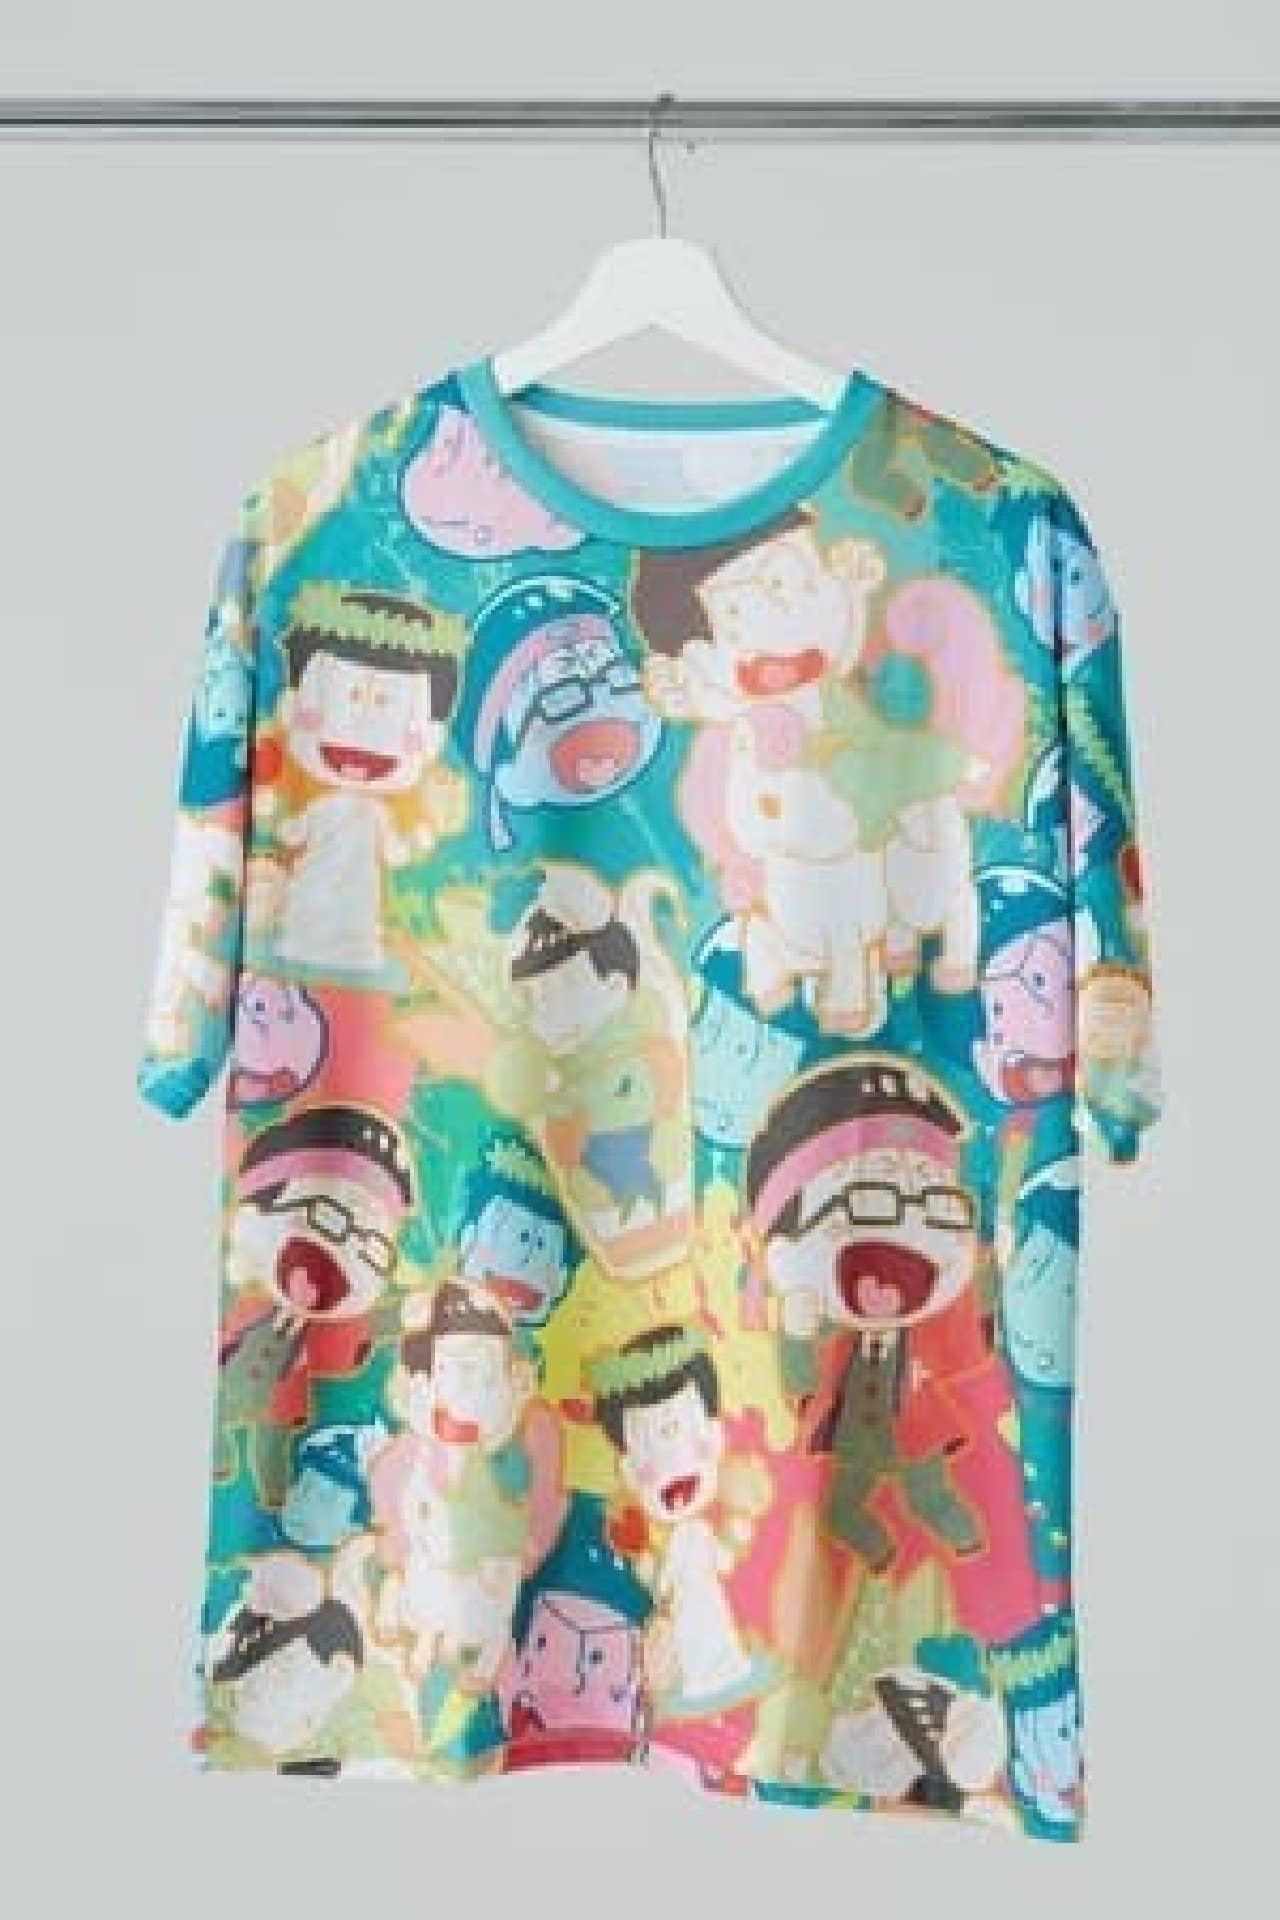 「おそ松さん」の洗える布マスク登場 -- 6つ子を美麗に印刷したゆったりTシャツも